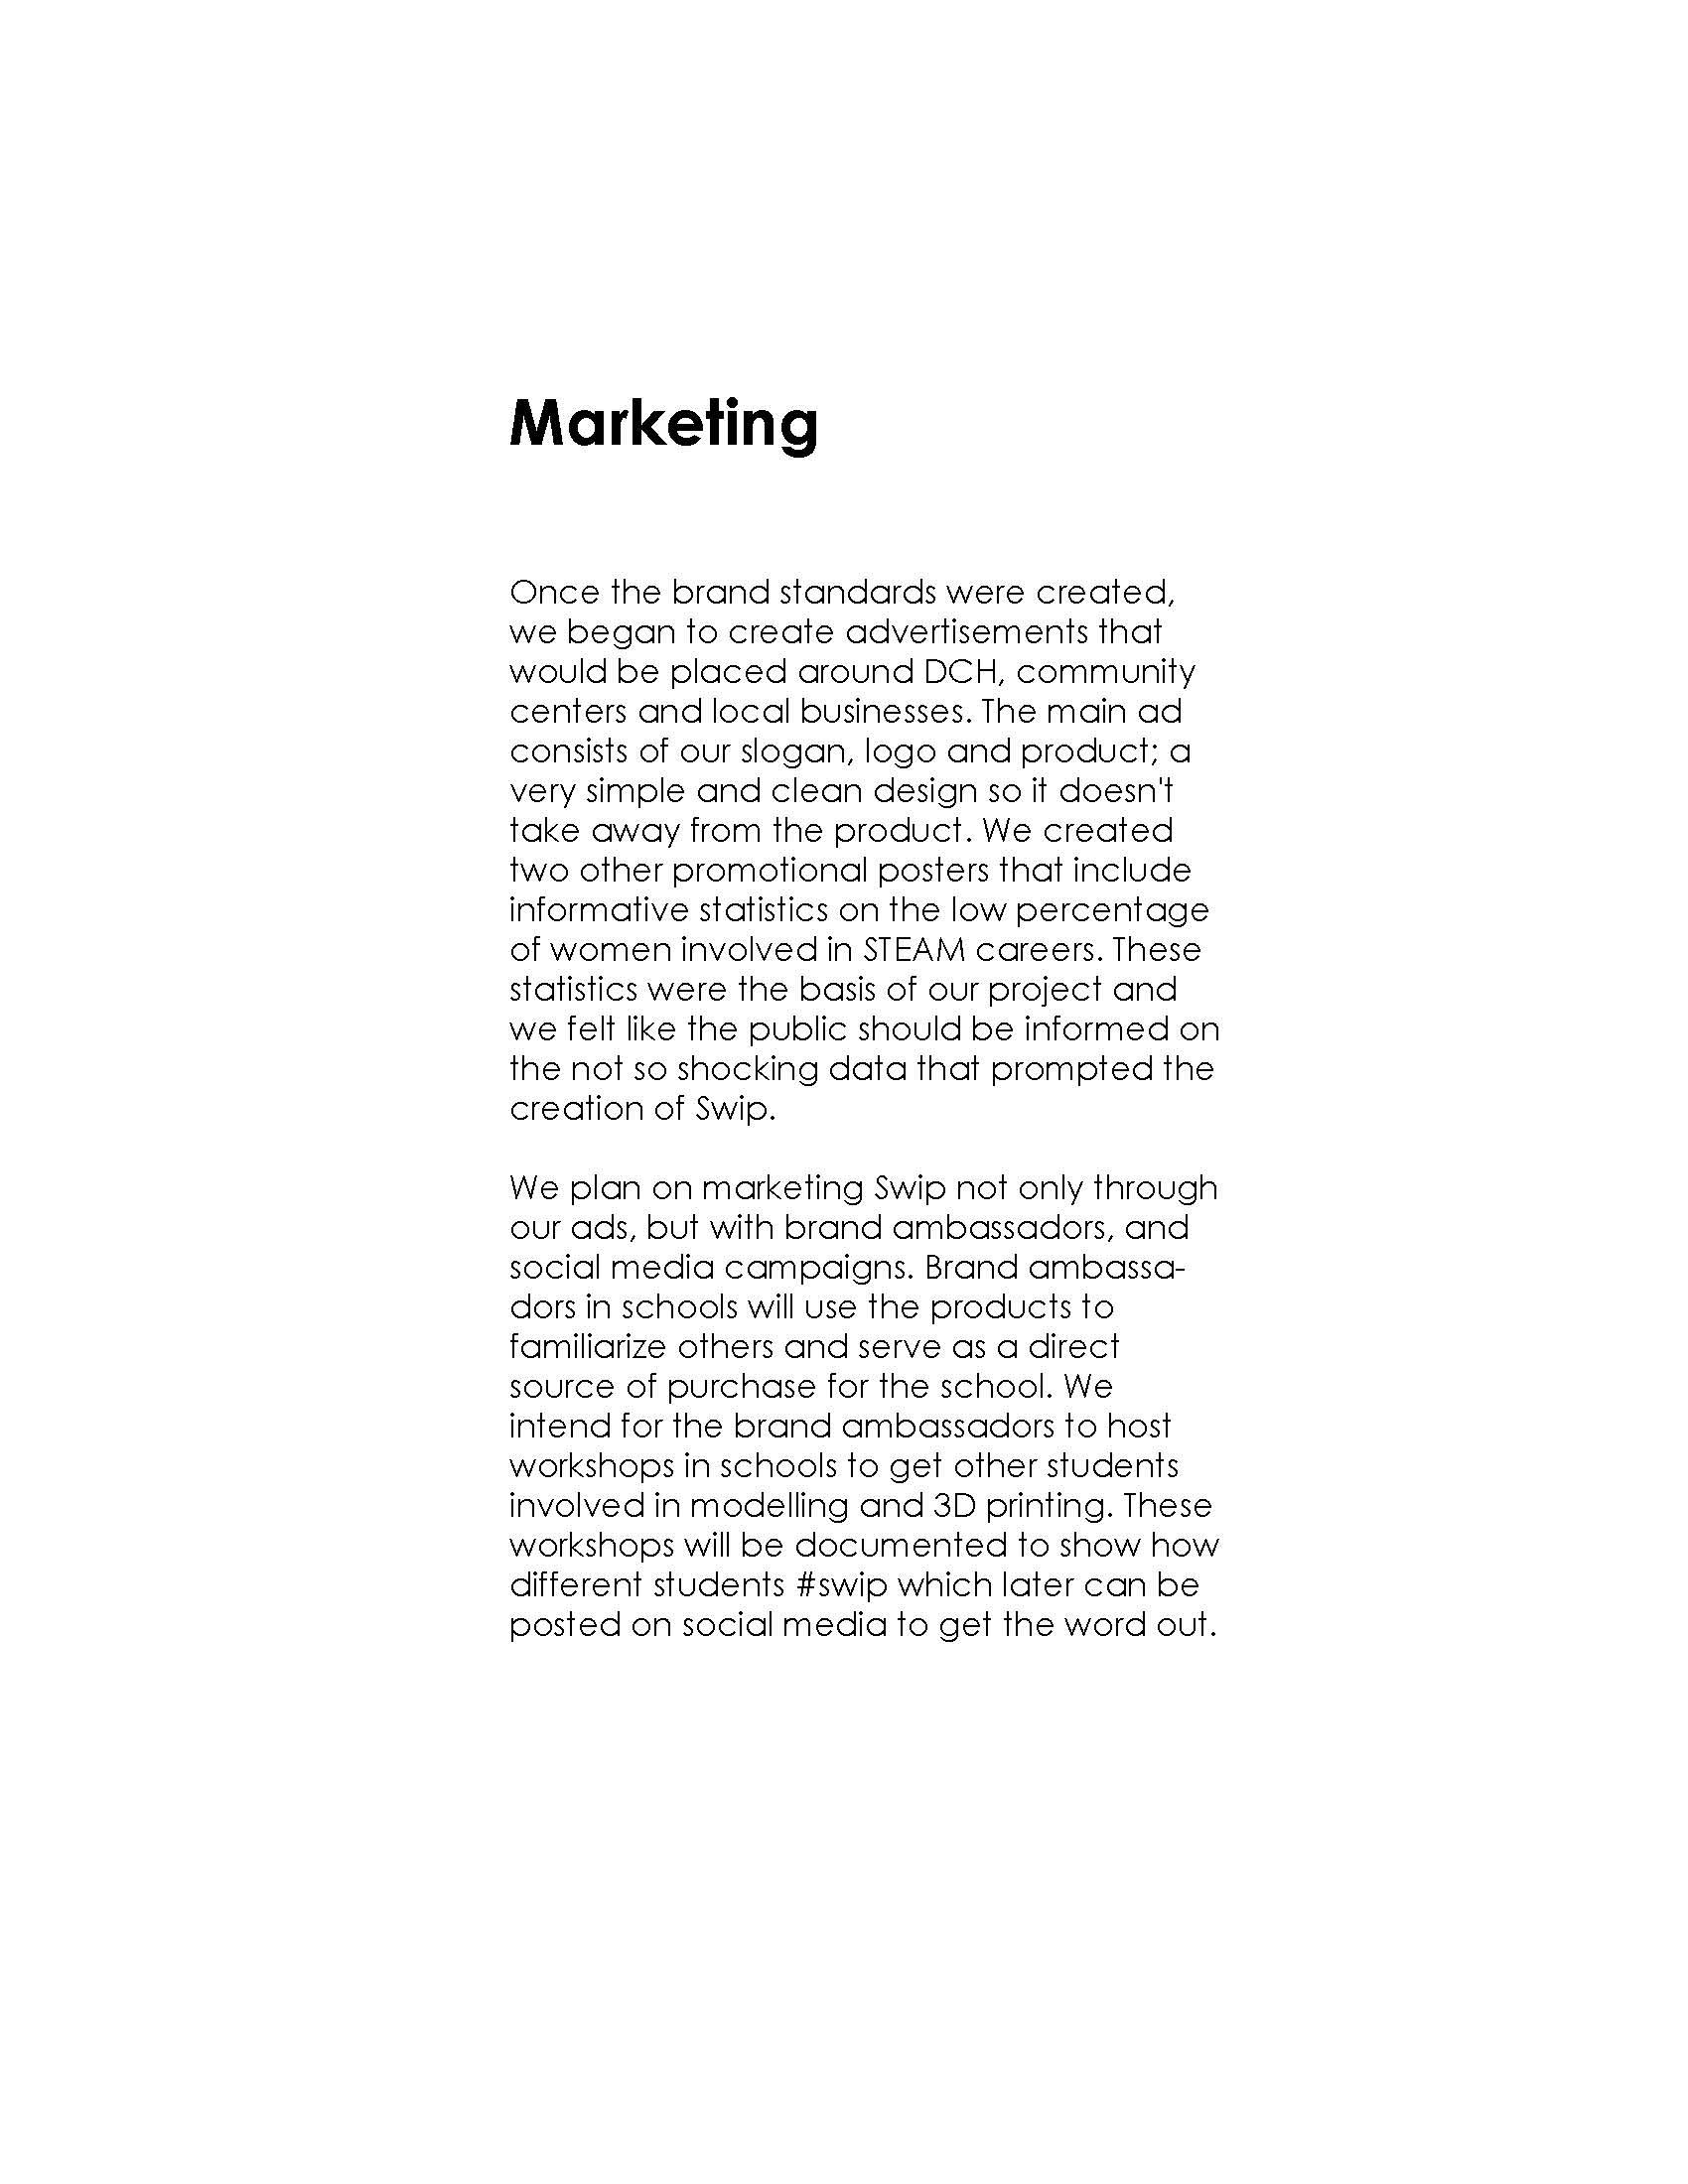 Swip Business Plan 29.jpg